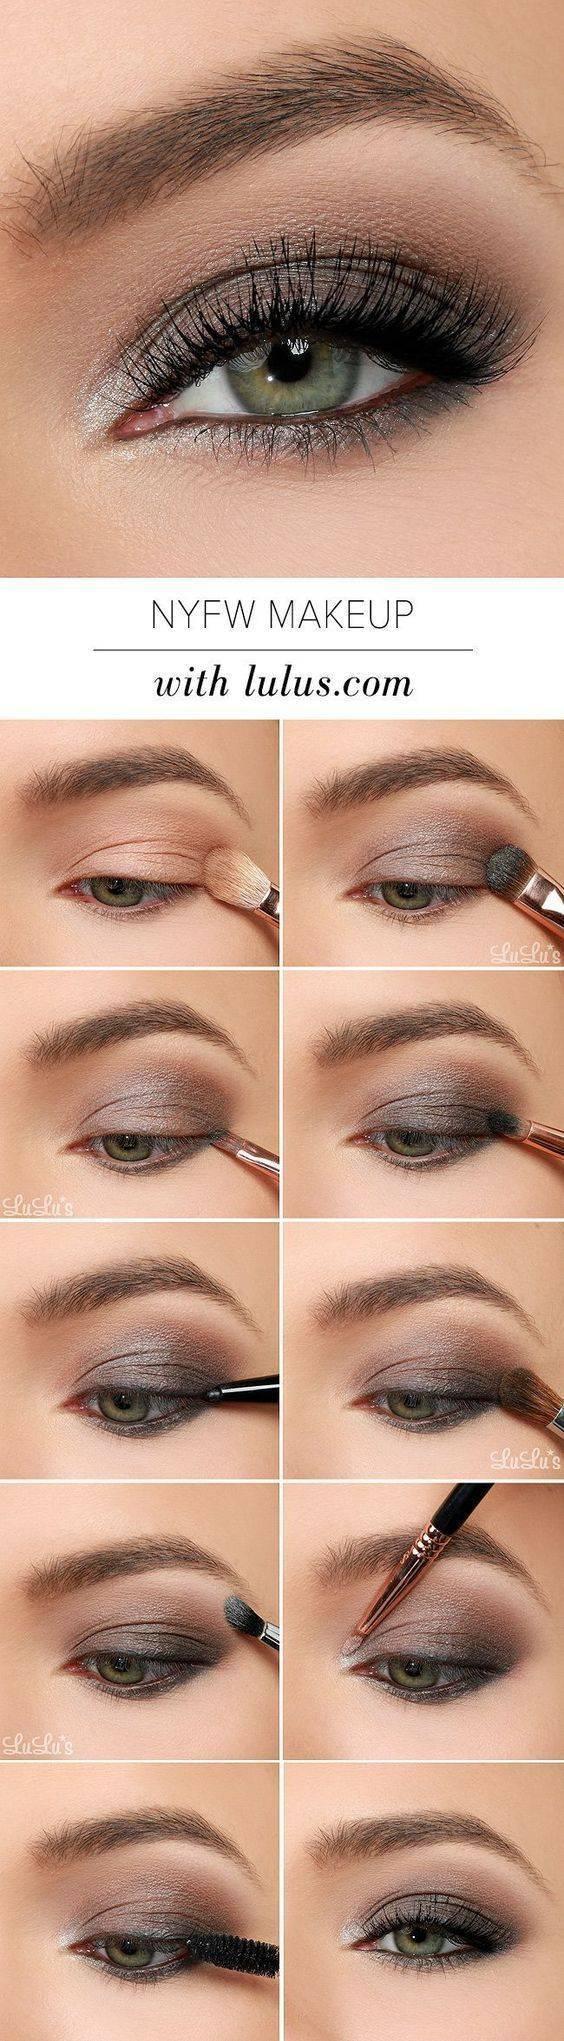 Свадебный макияж: пошаговая инструкция